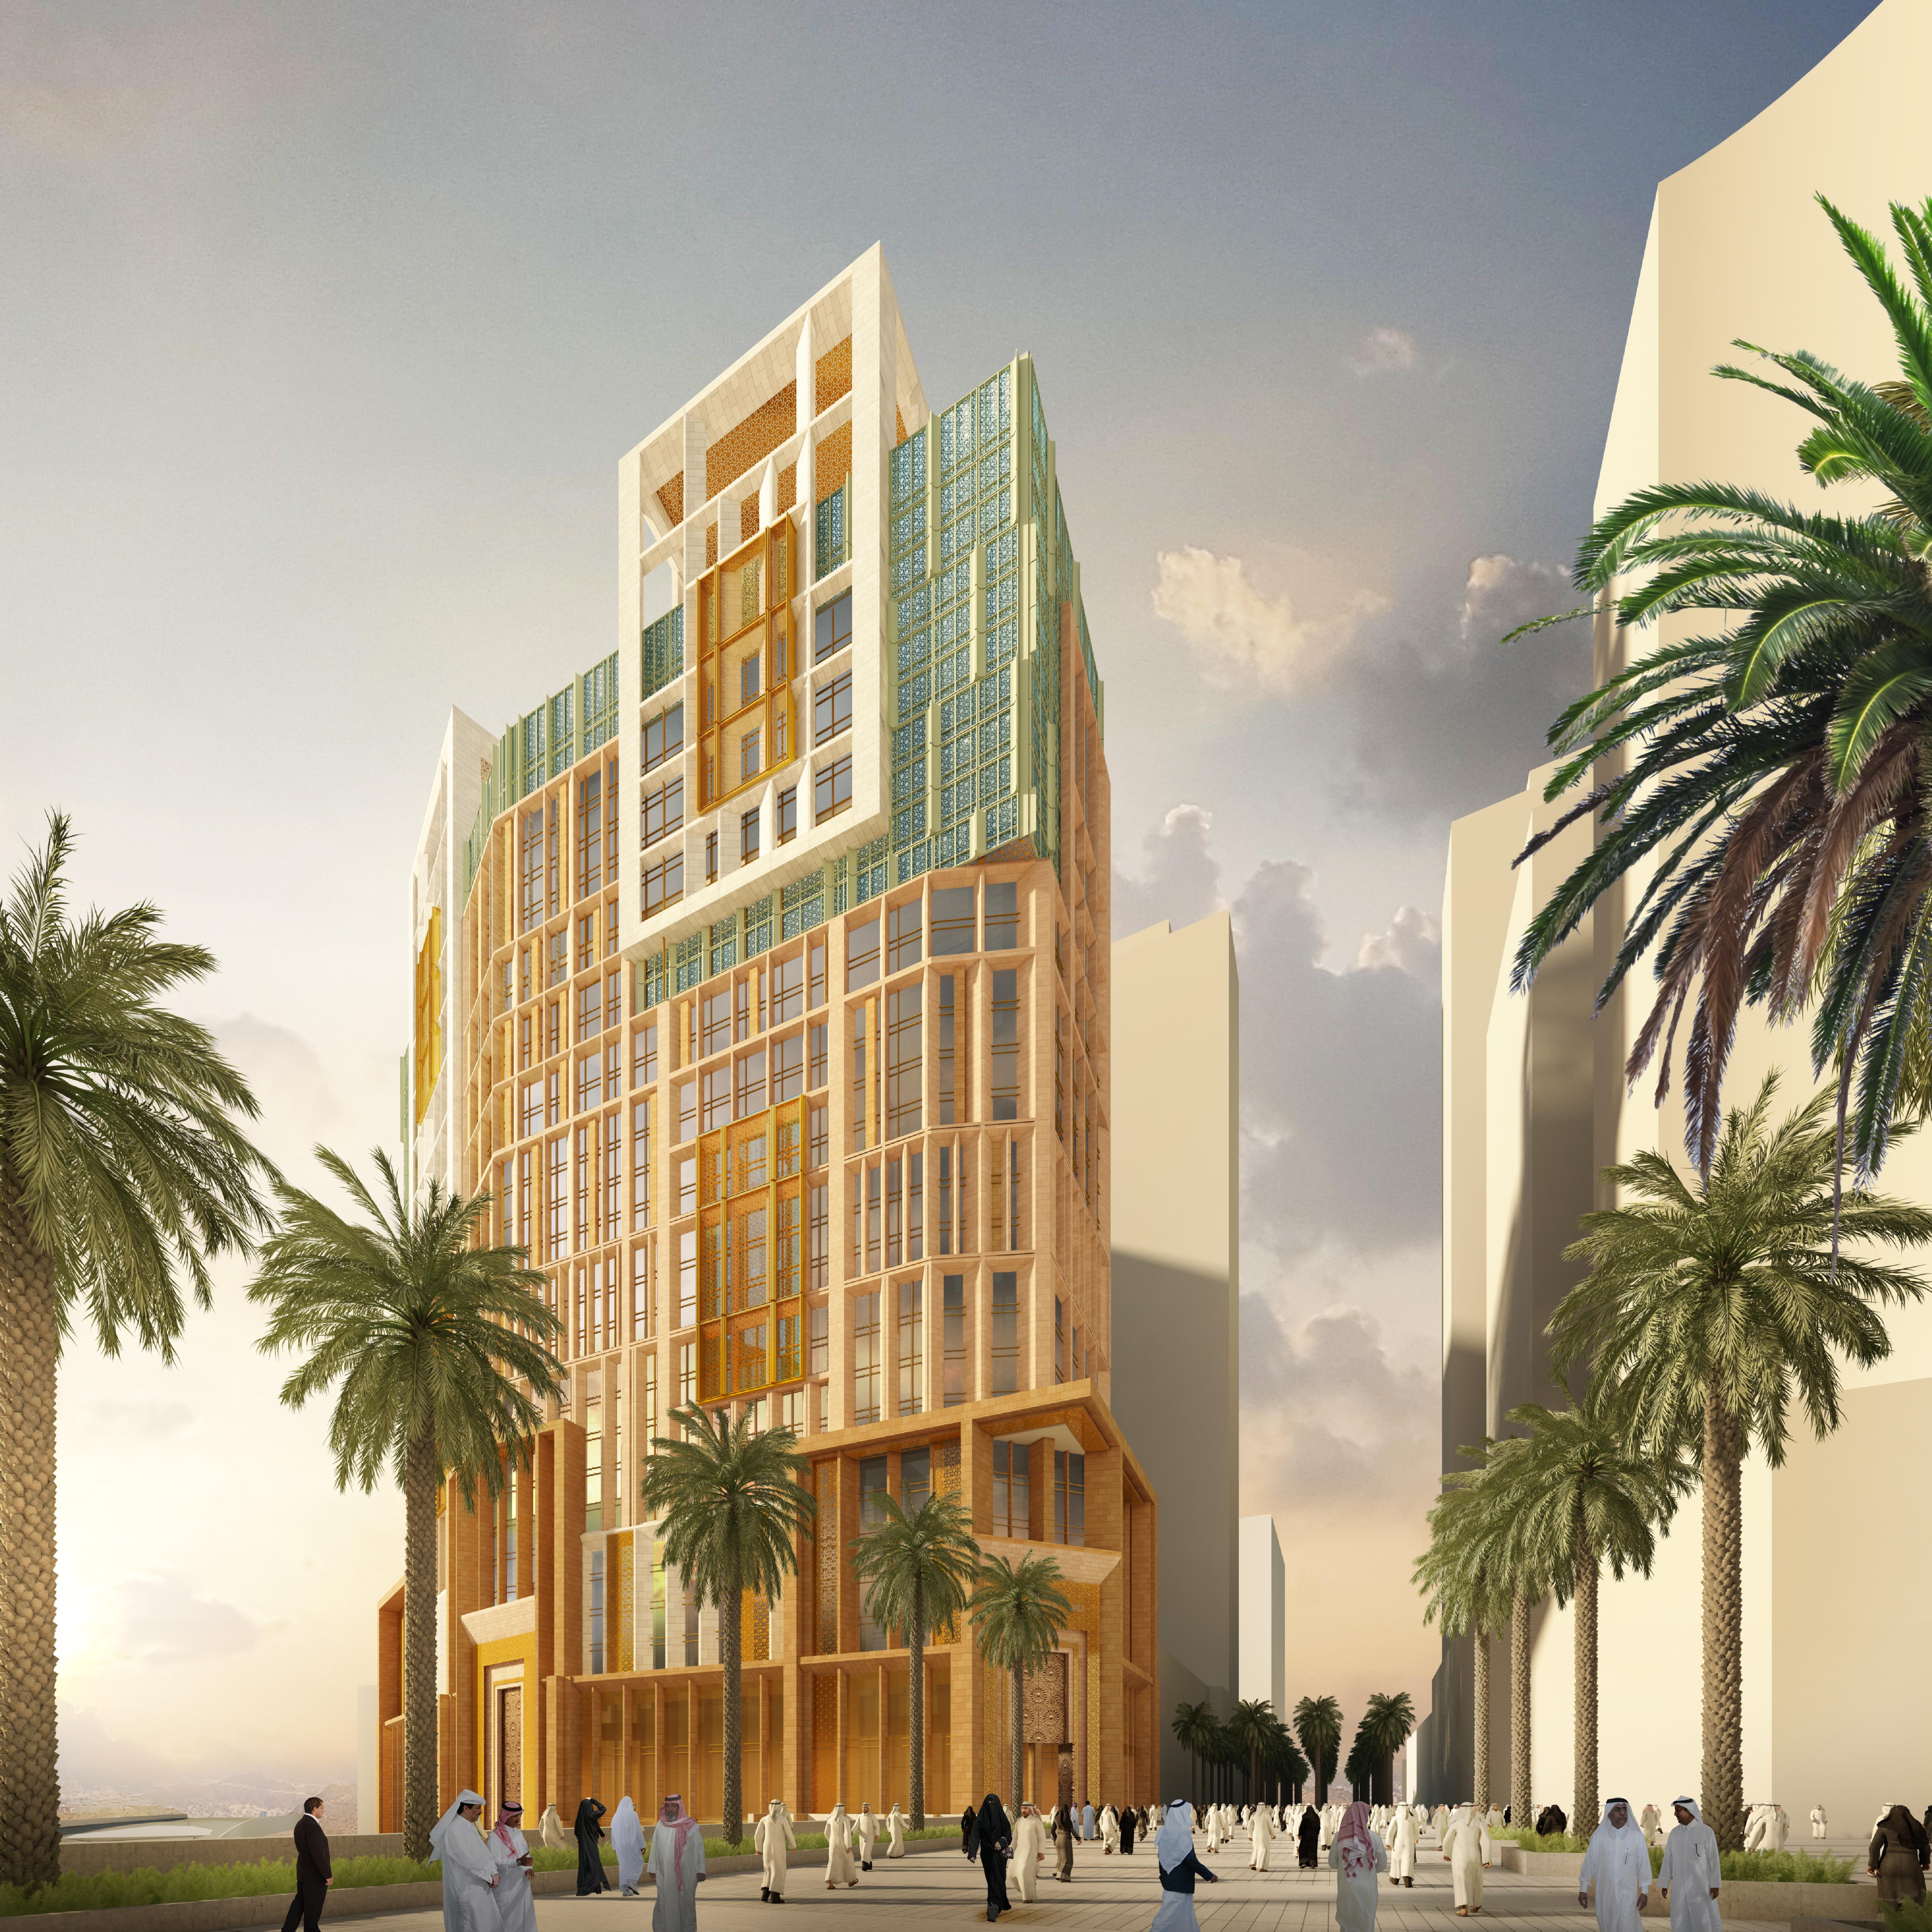 Hyatt Announces Plans For A Grand Hyatt Branded Hotel In Makkah Business Wire